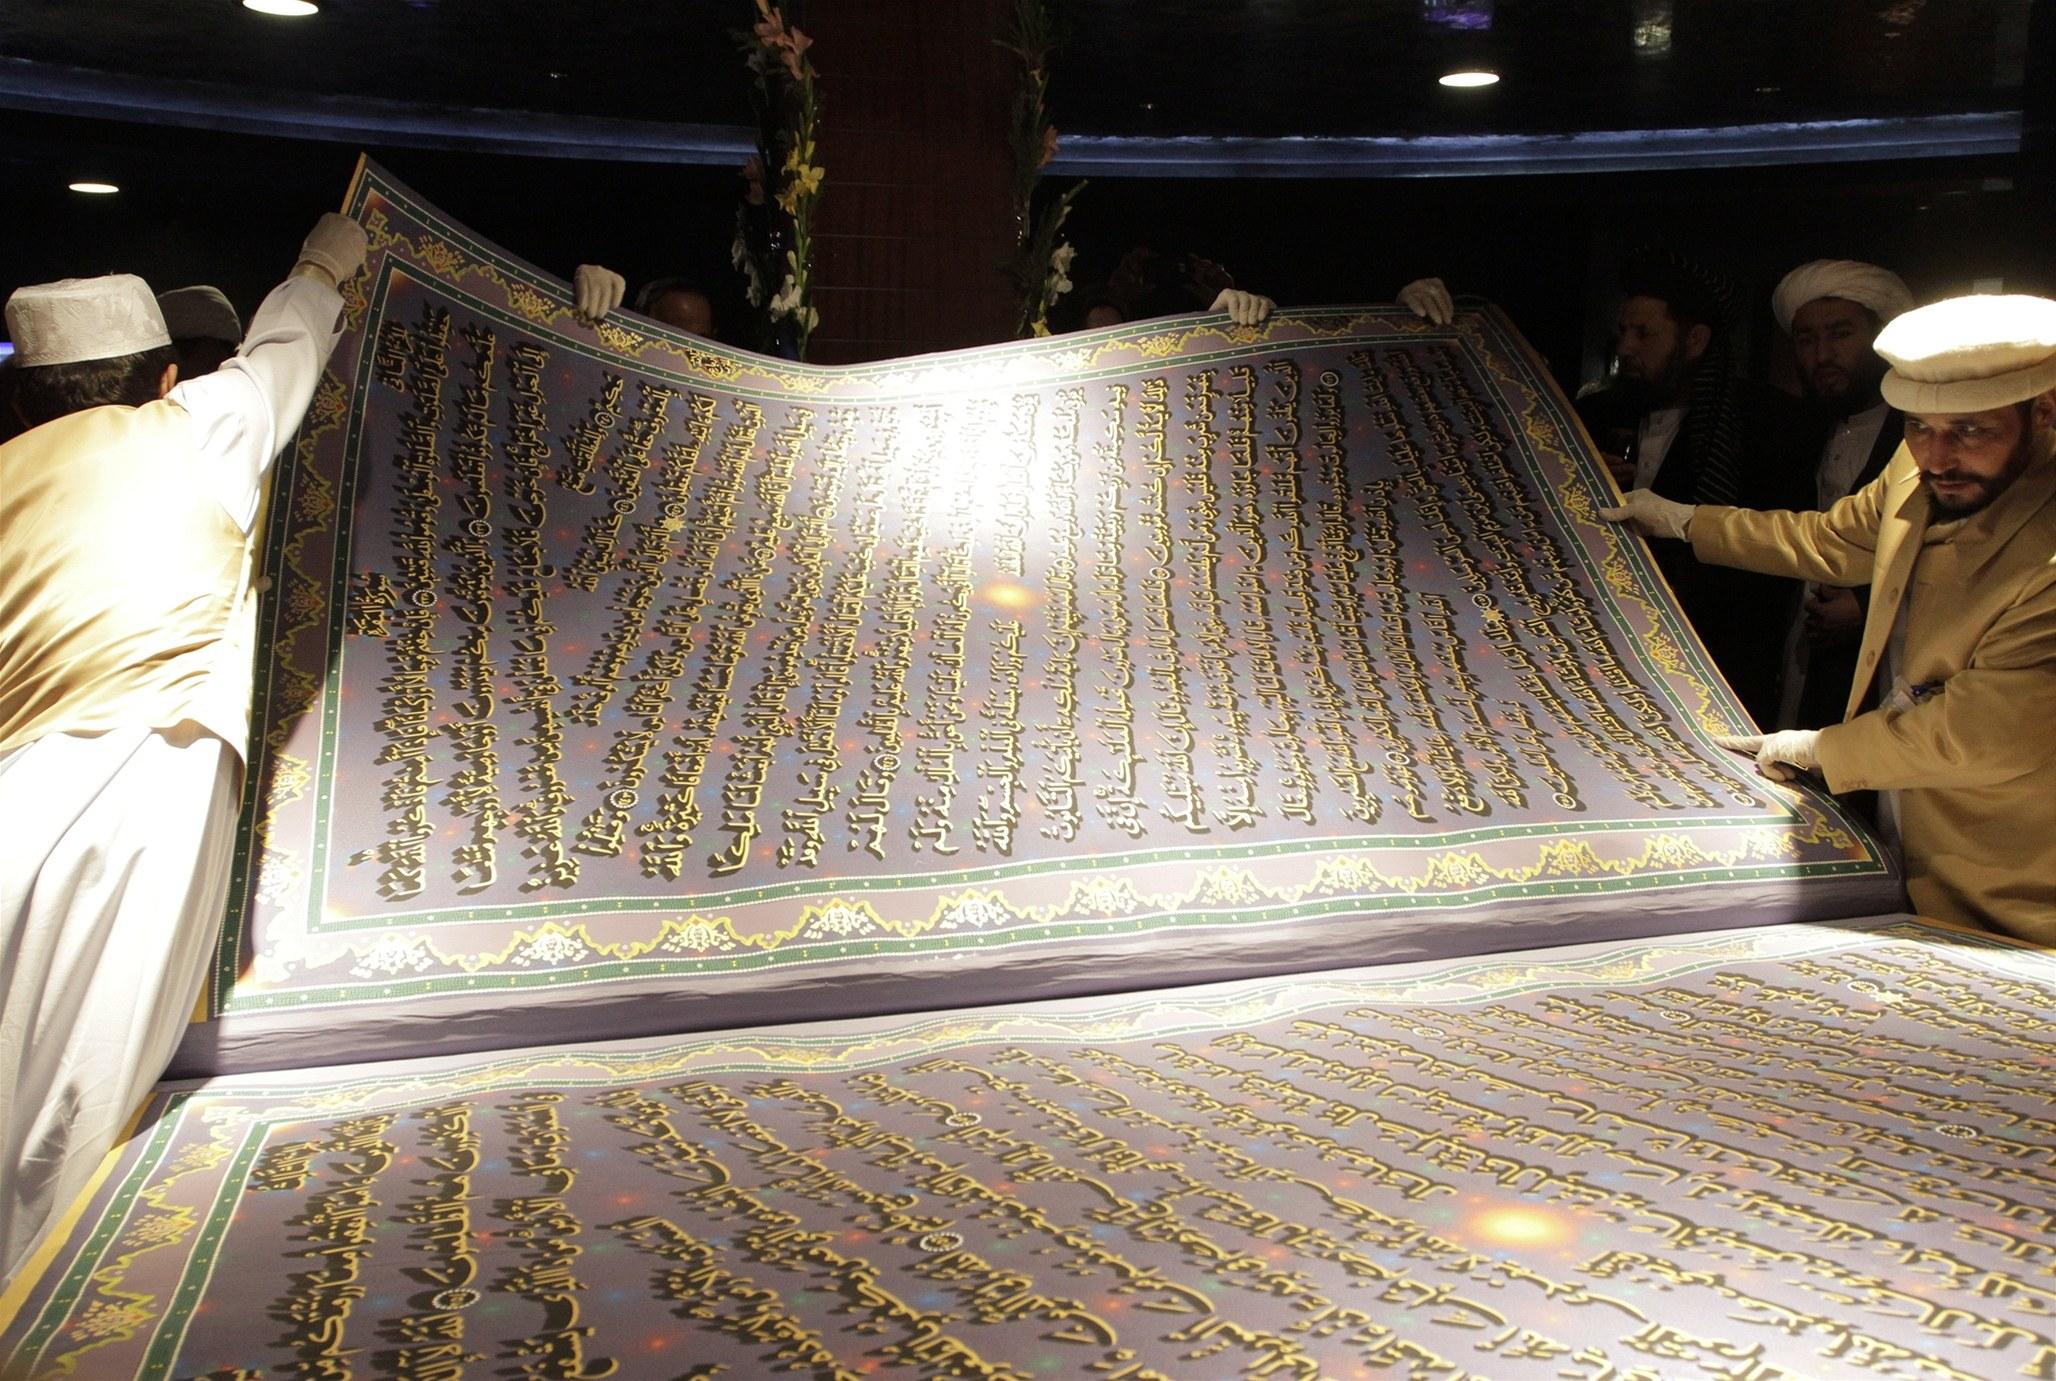 To je on! Nalezený výtisk Koránu právě zkoumají experti z Grafologického ústavu v belgickém Molenbeeku.